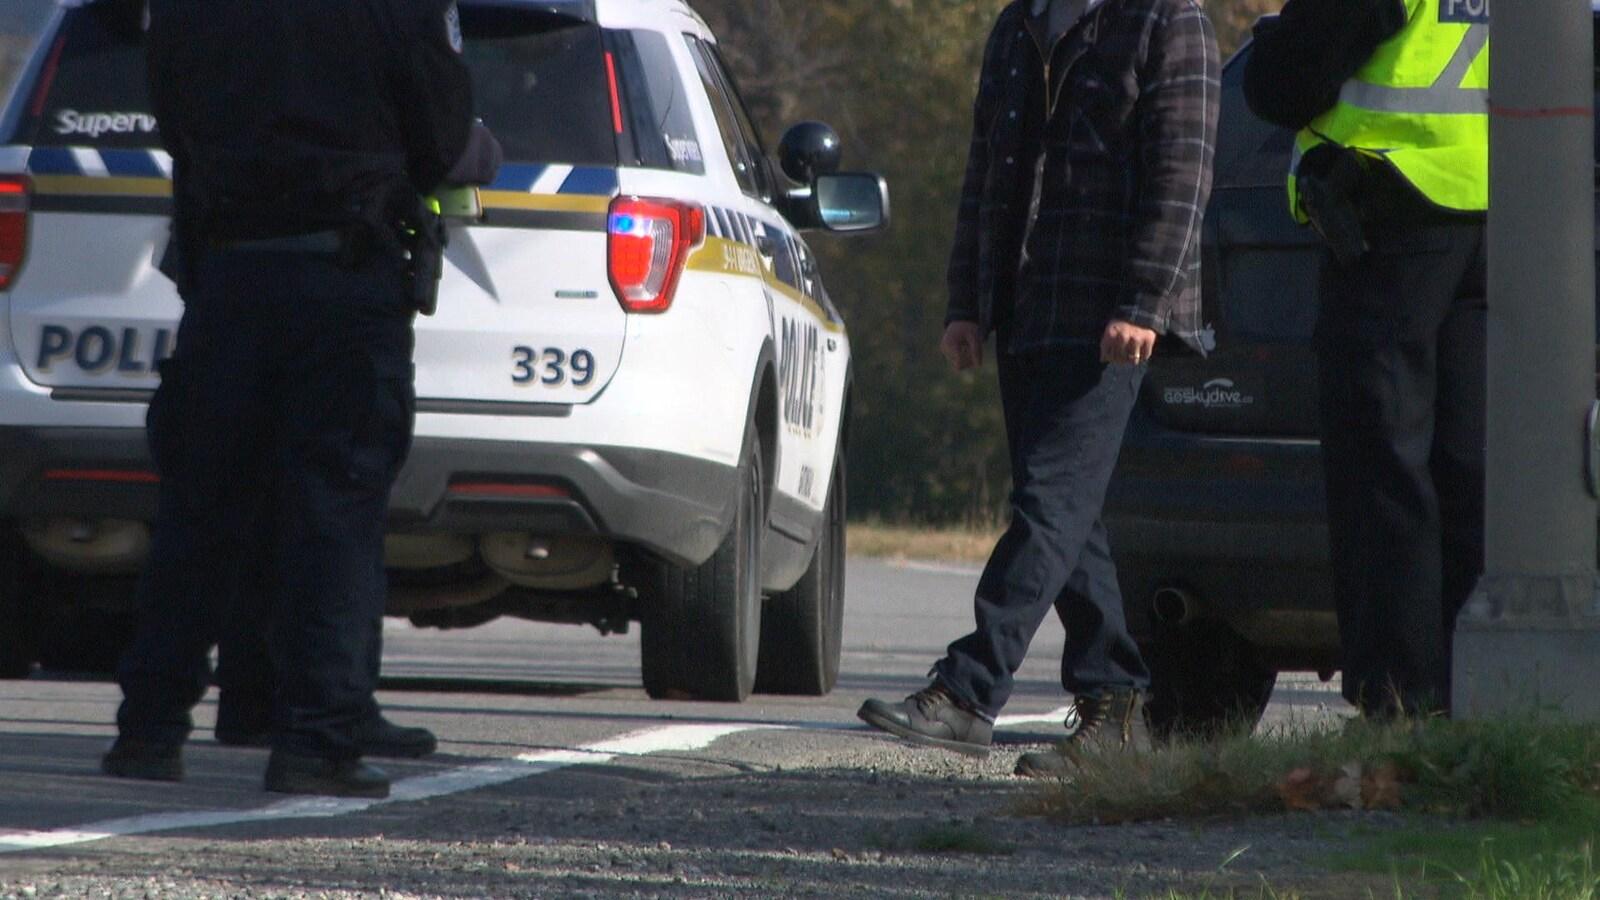 Un homme inconnu lève sa jambe gauche pour tester son équilibre devant trois agents du Service de police de la Ville de Gatineau en bordure de la route.